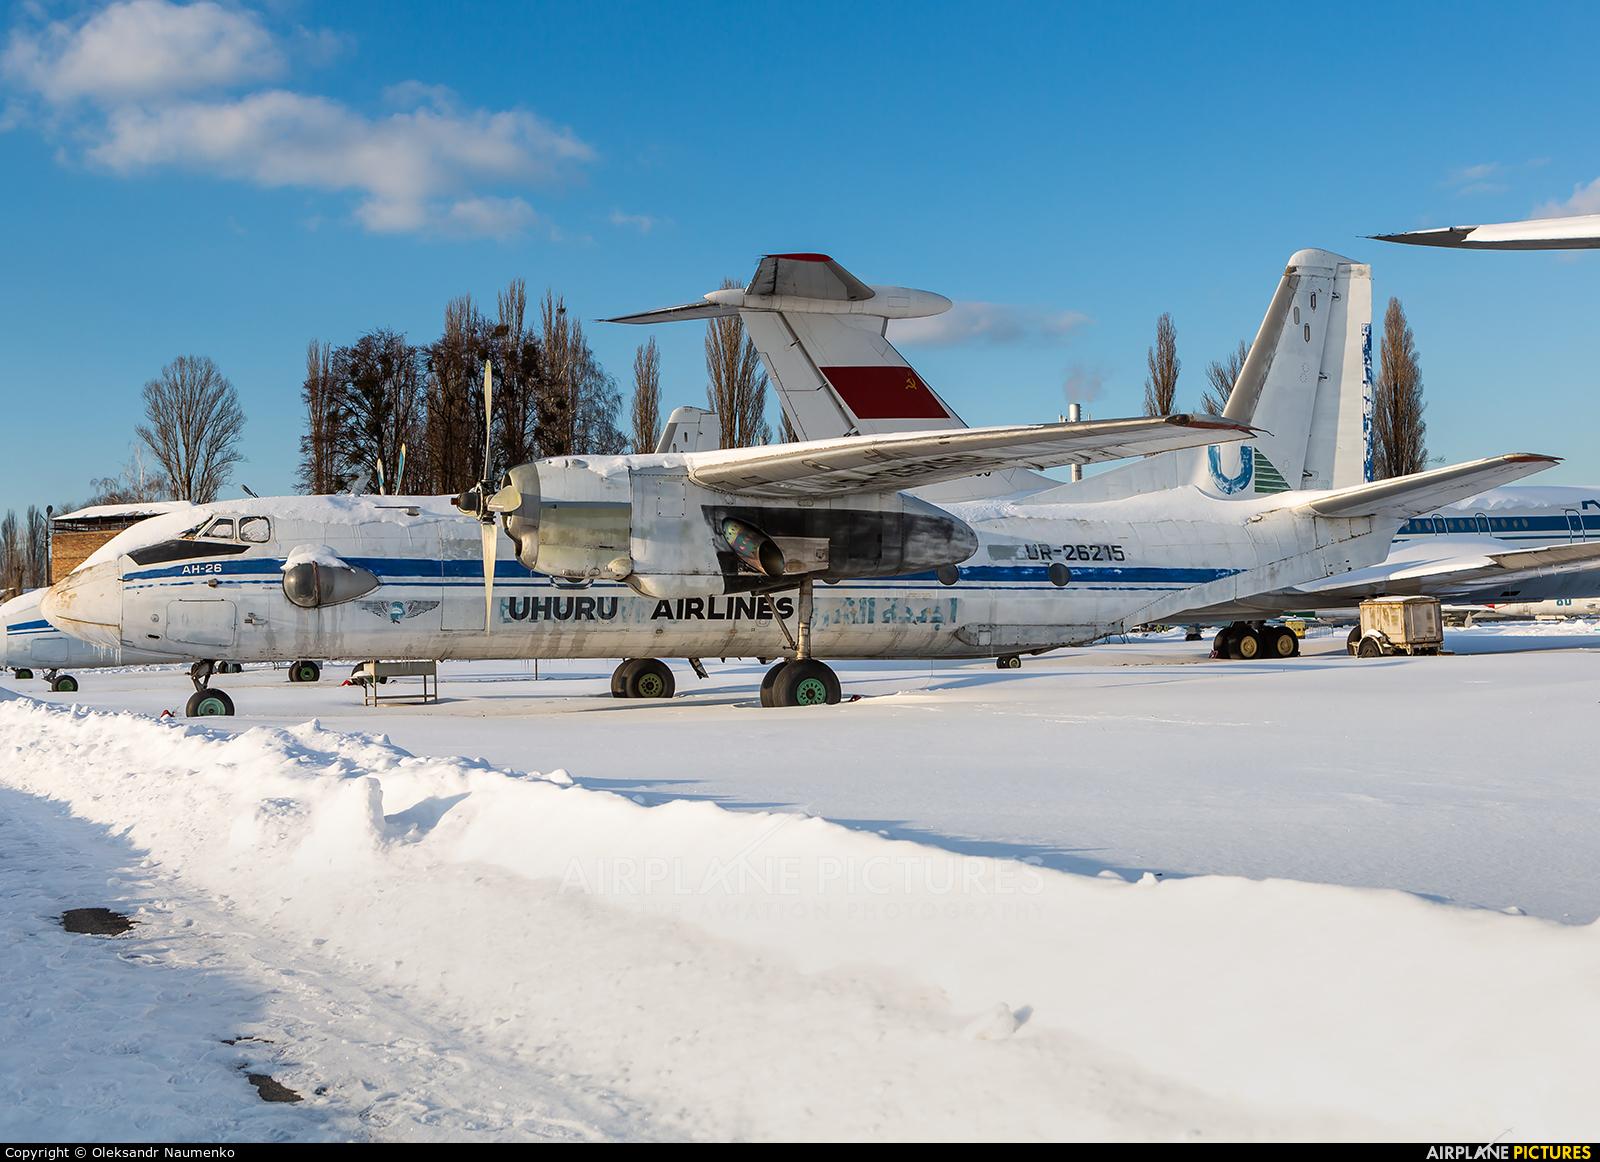 UR-26215 aircraft at Kyiv - Zhulyany State Aviation Museum